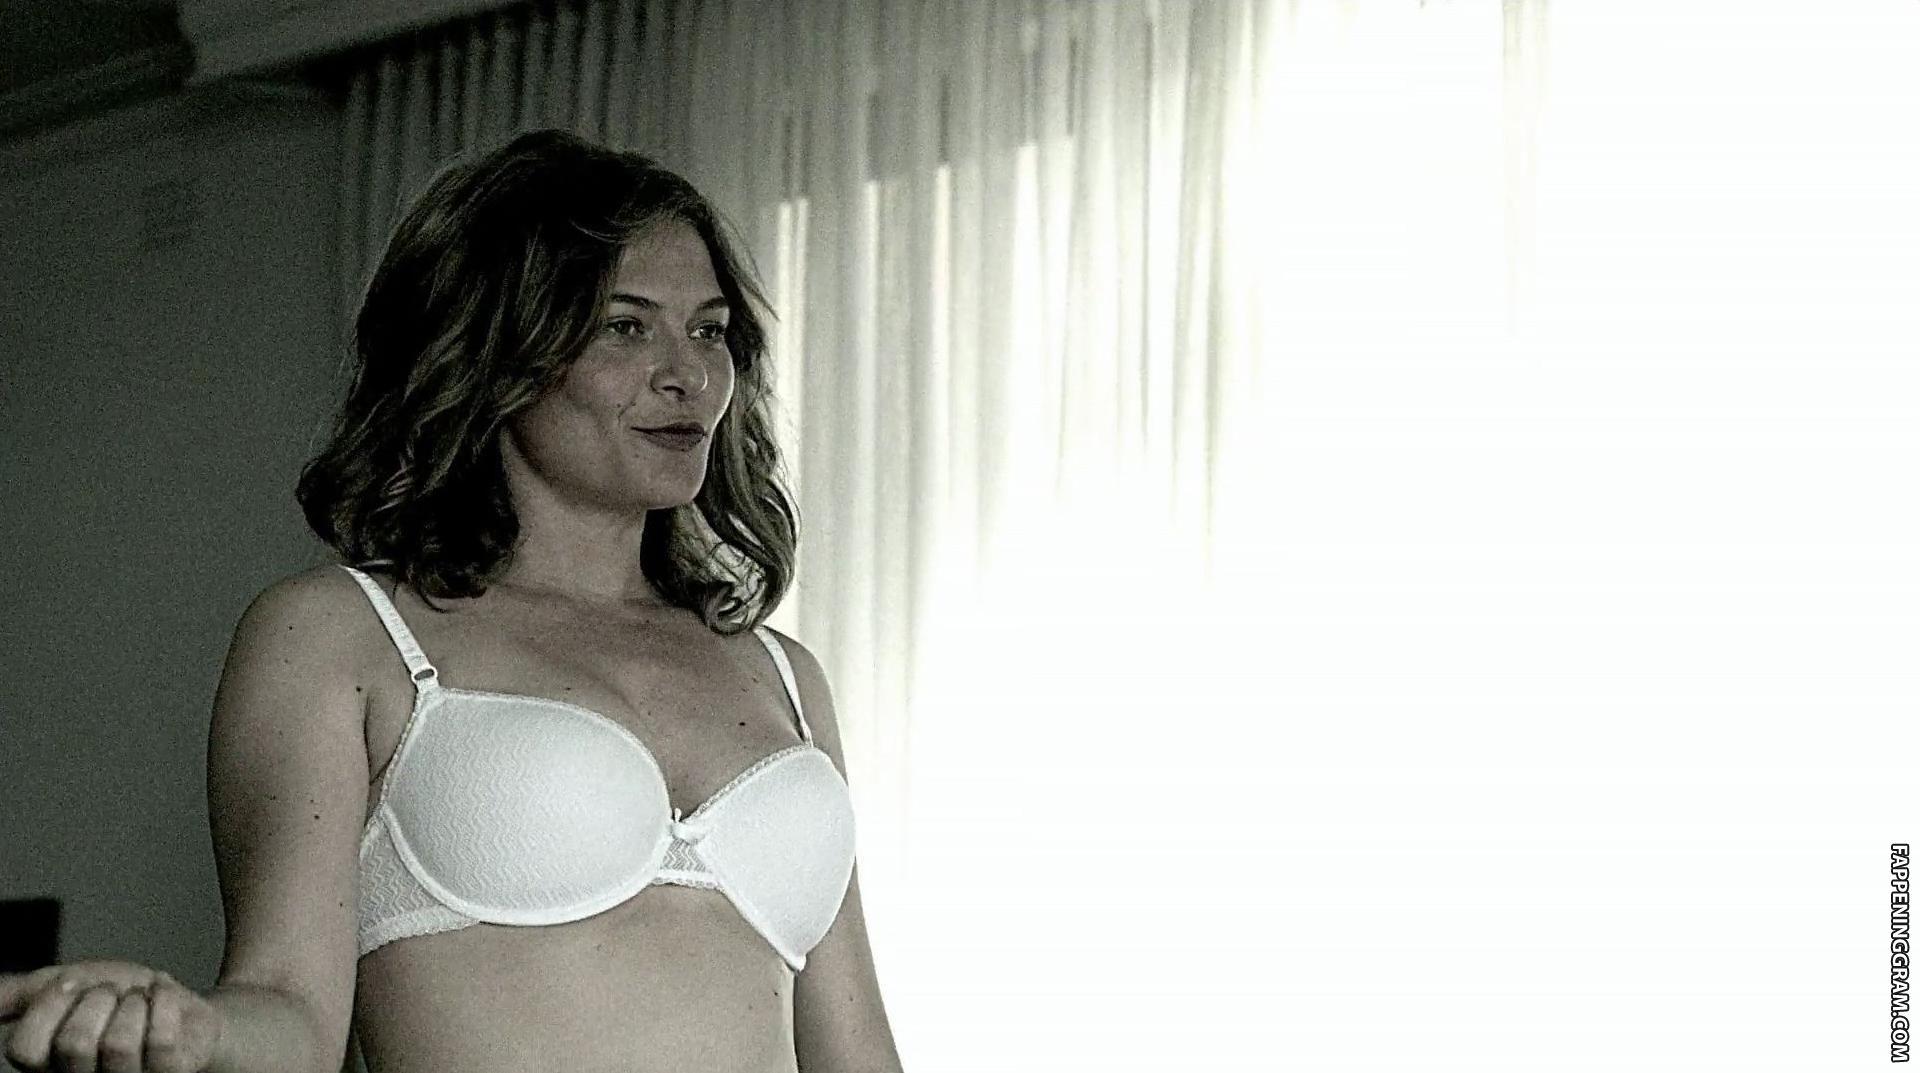 Leeanna Walsman Nude